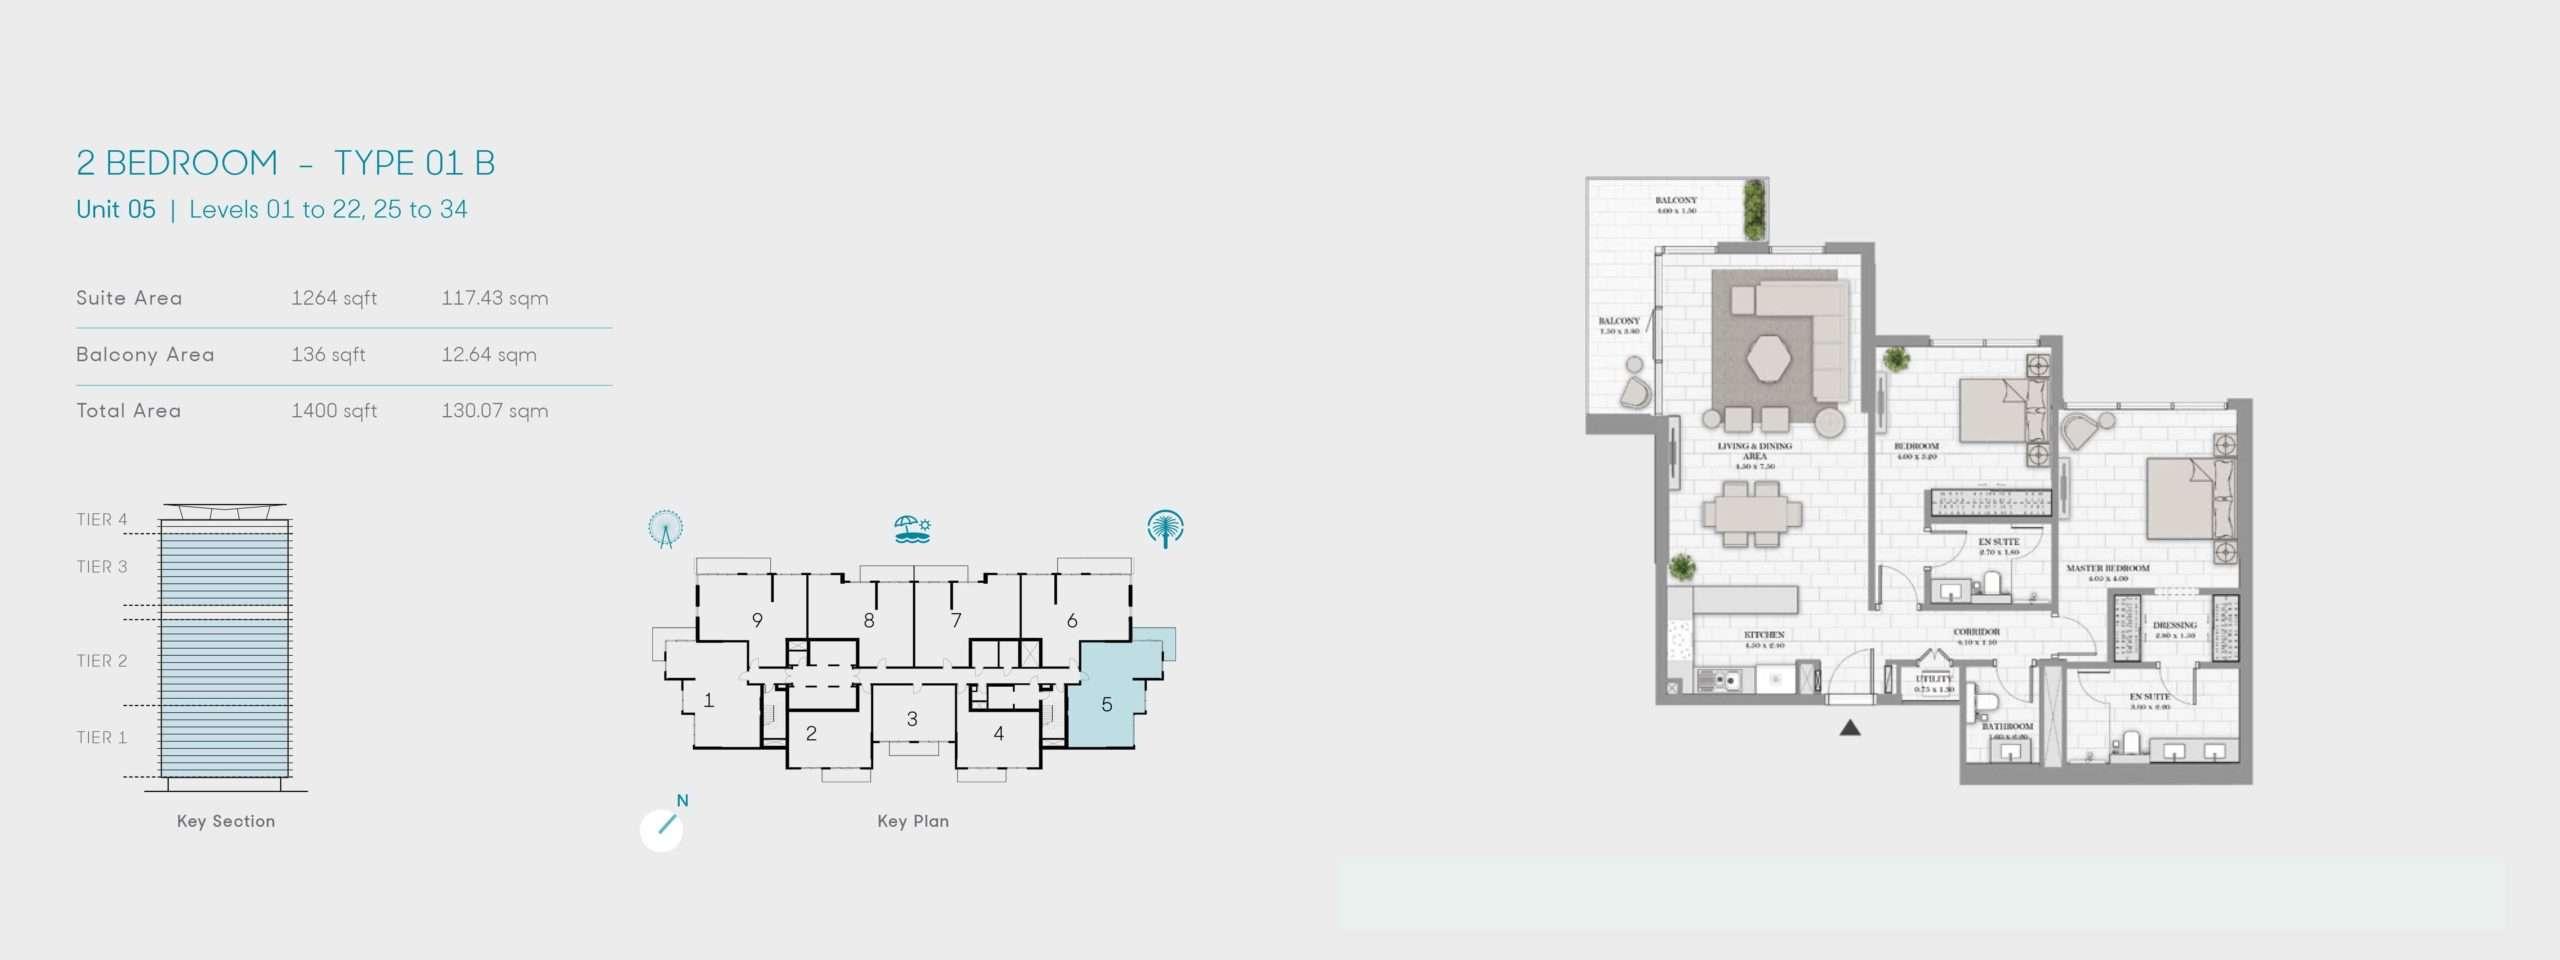 2-Bedroom Typ 01B